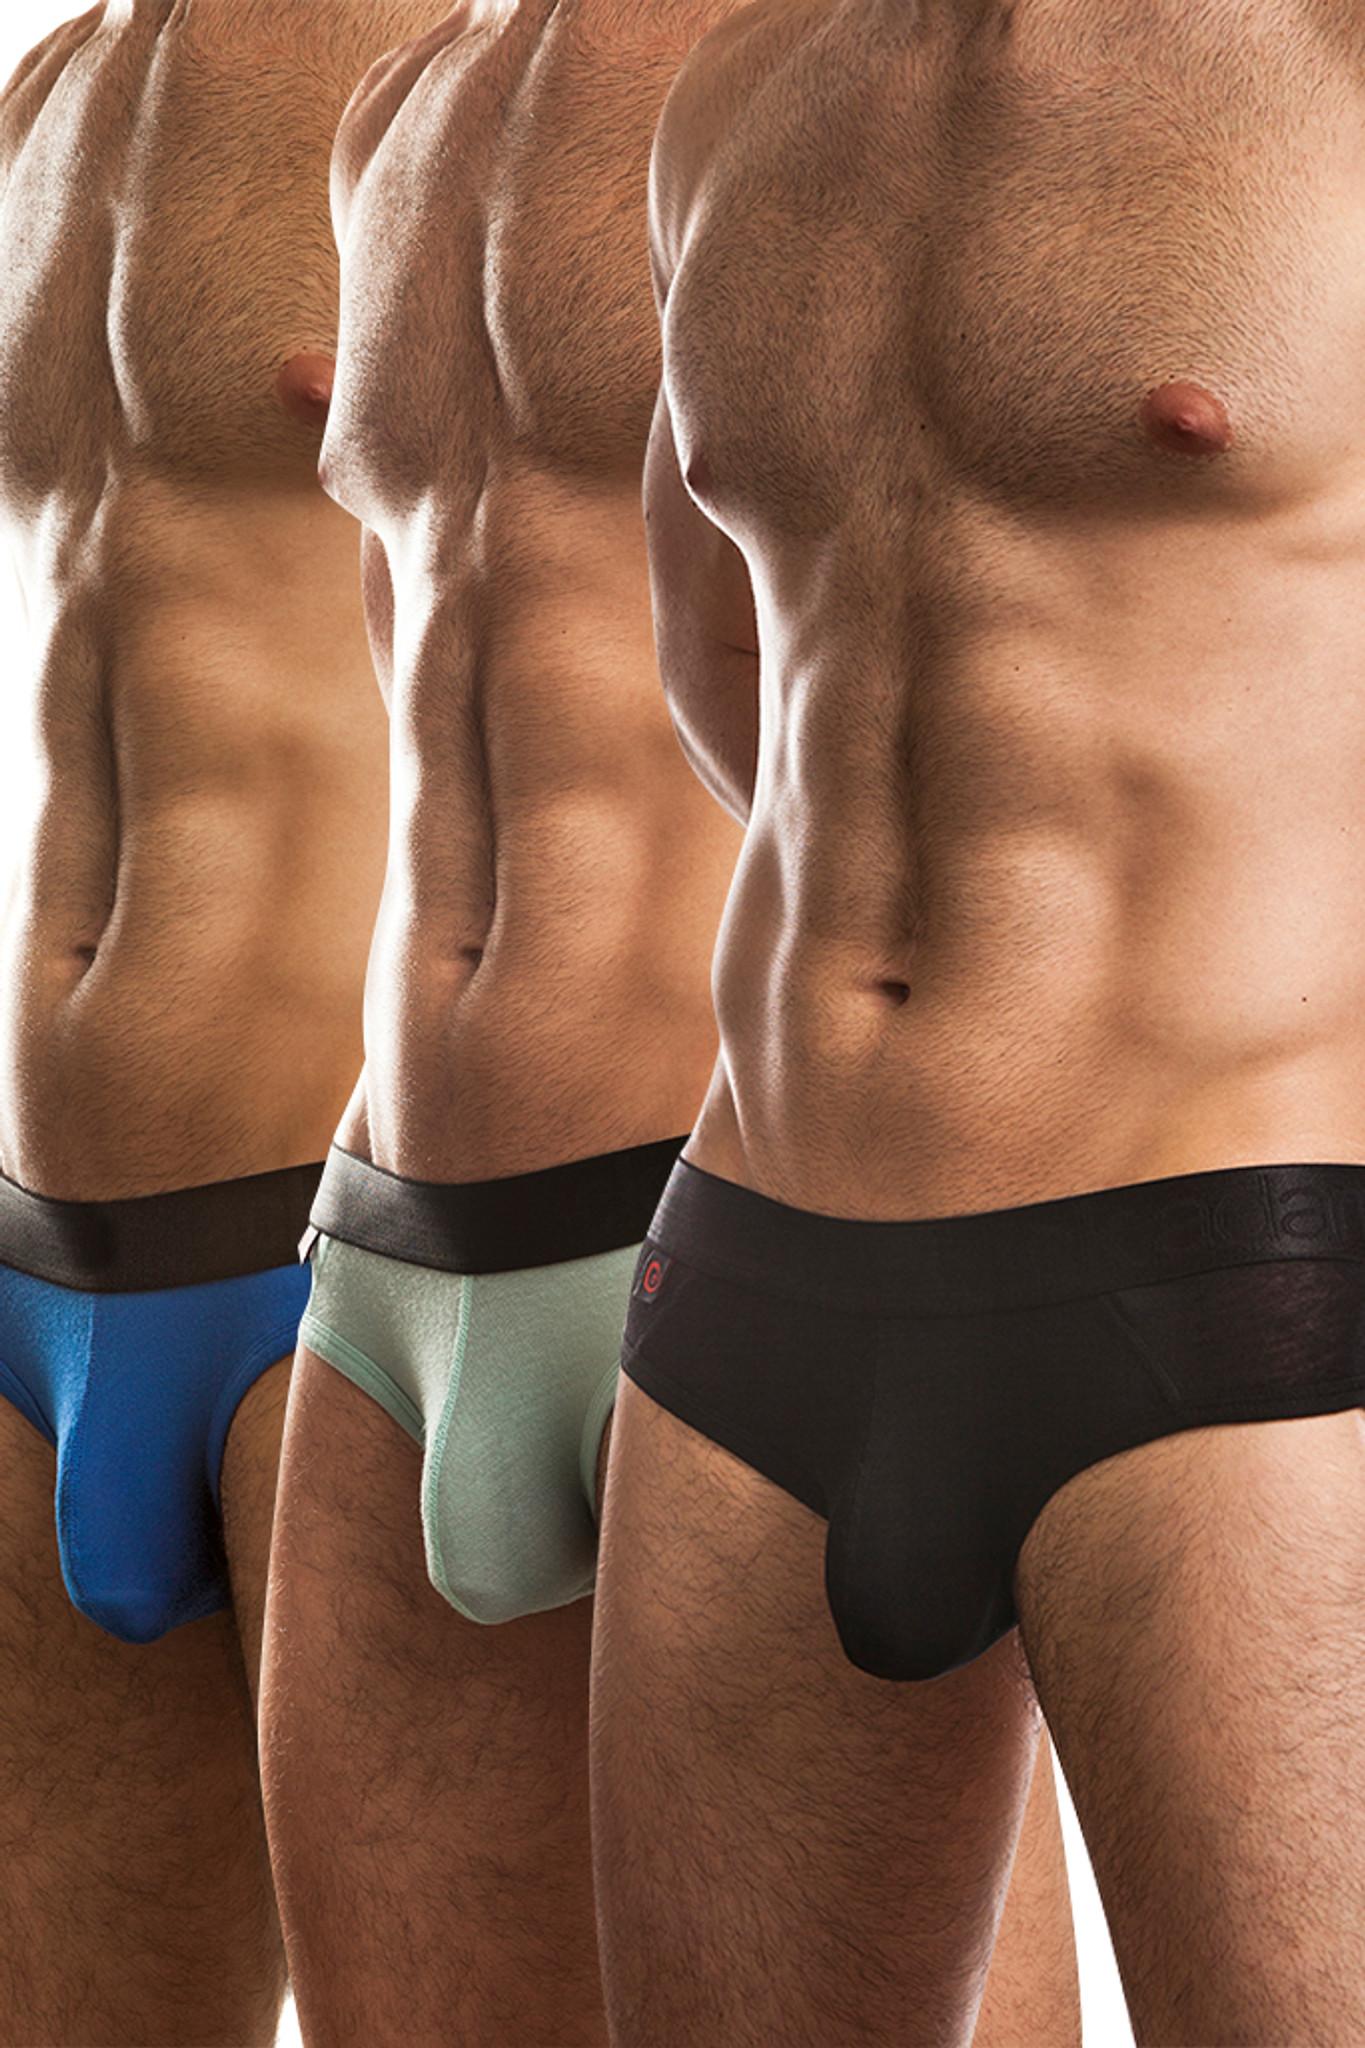 Jack Adams Naked Fit Brief Multi-Pack:  Black (1), Seafoam (1), Royal (1)